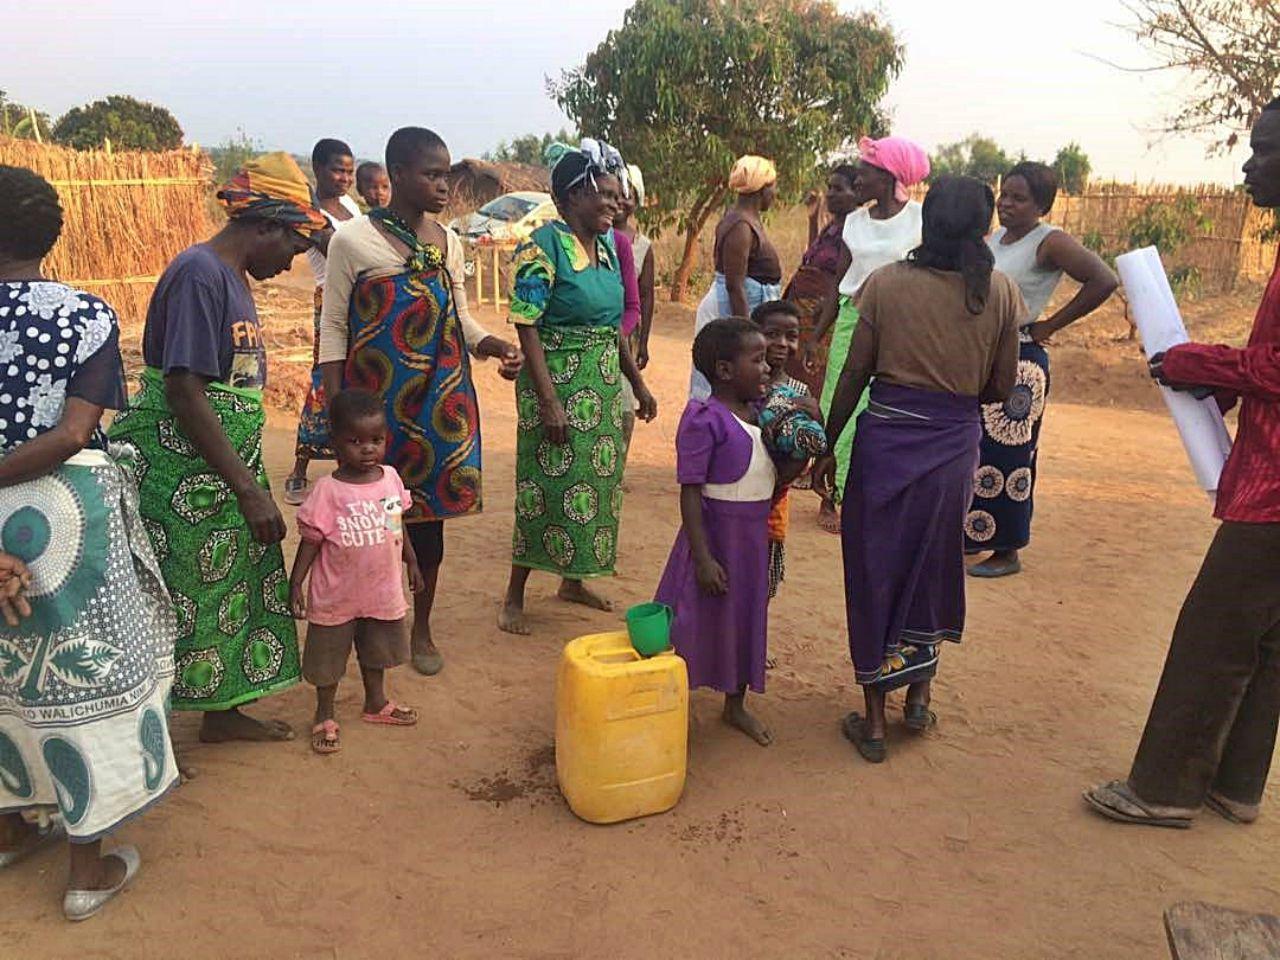 Balakasi Village Borehole Project - Malawi